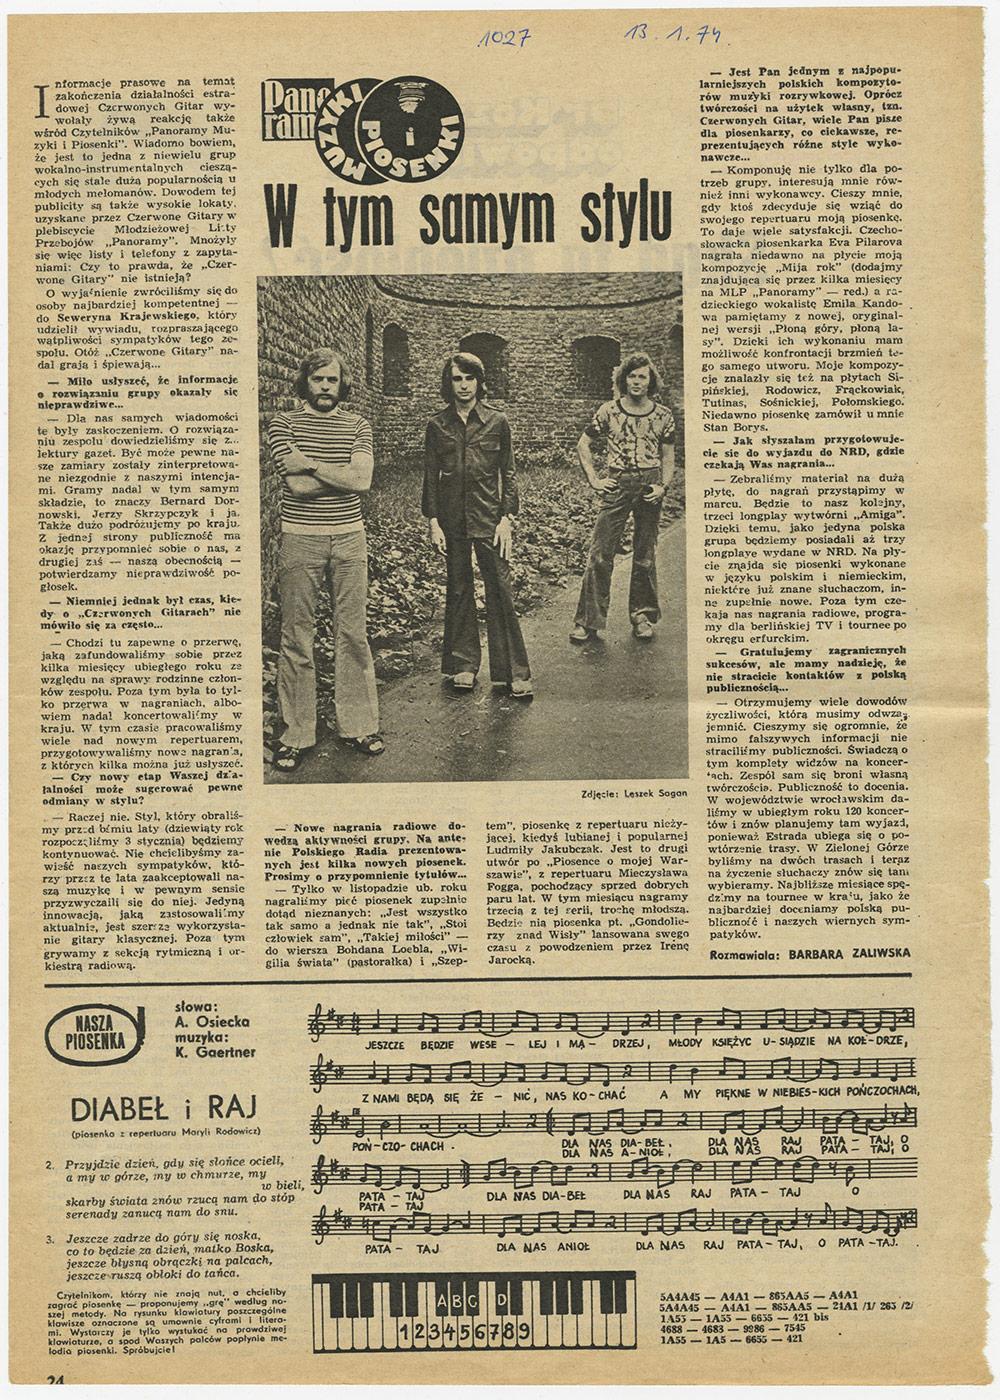 1969-1978_Panorama_1974_w_tym_samym_stylu